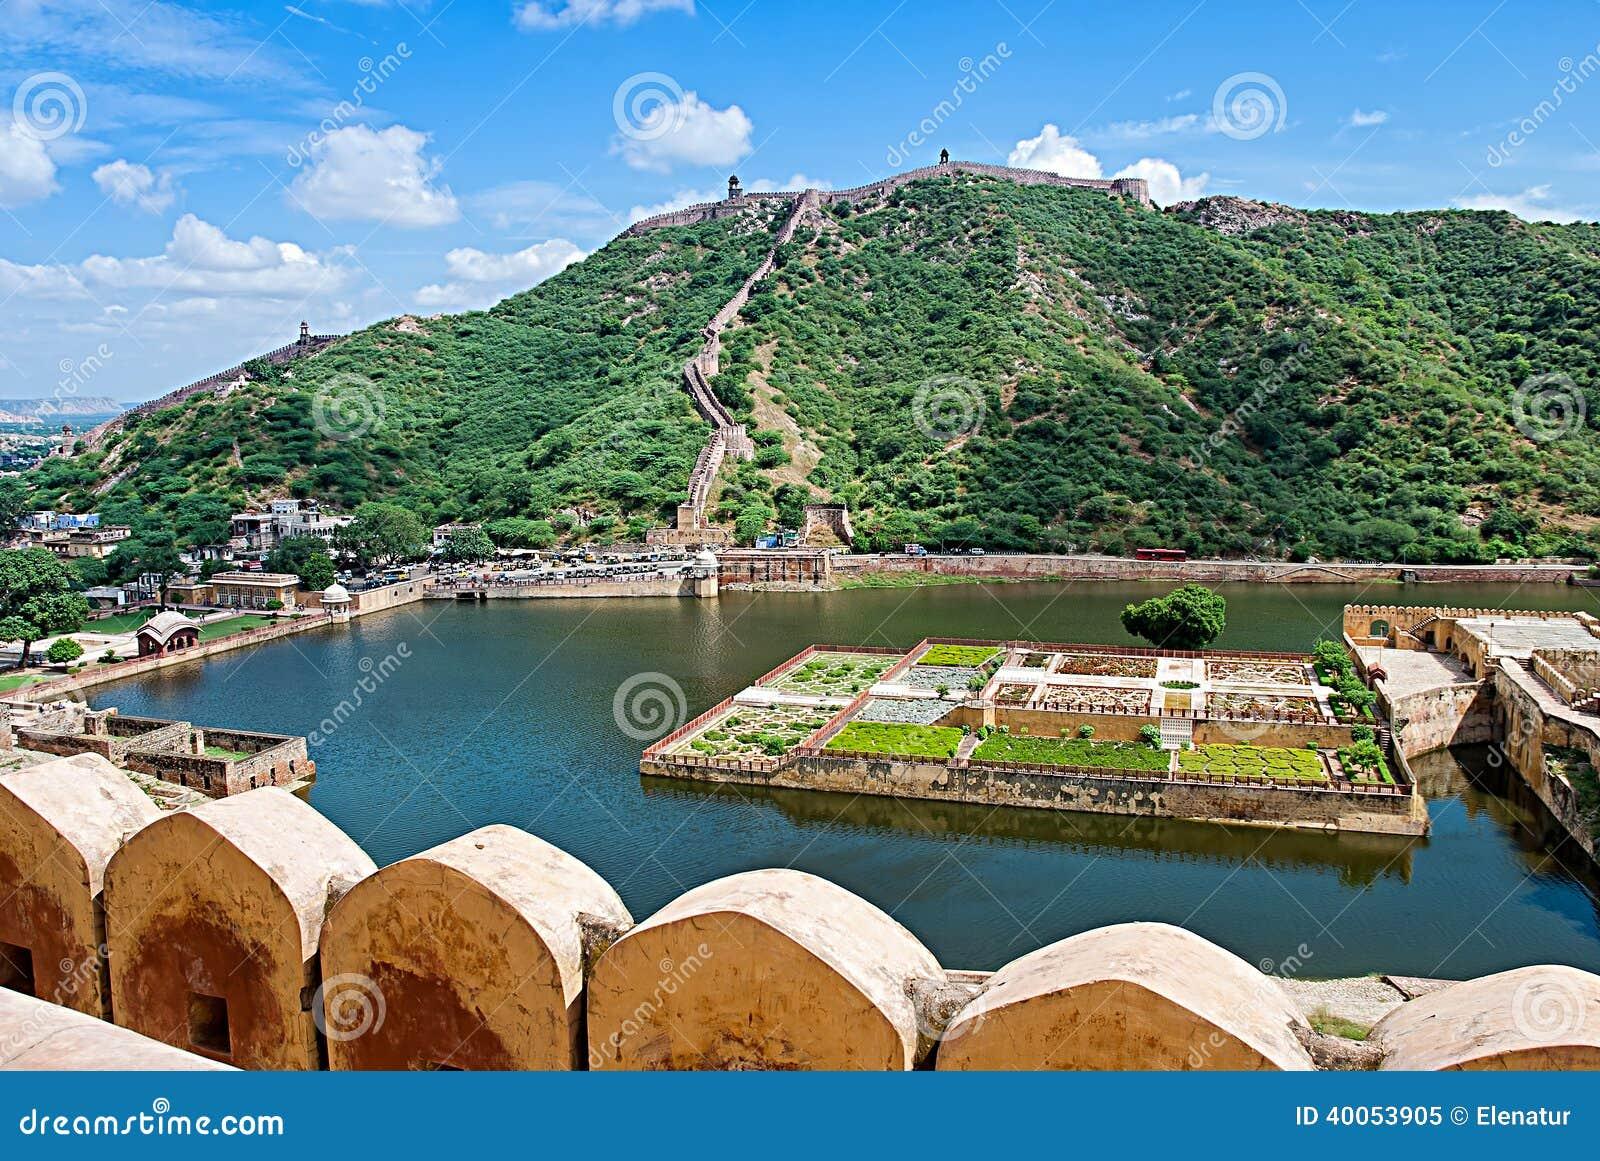 image Hacer fotos en redi fort india